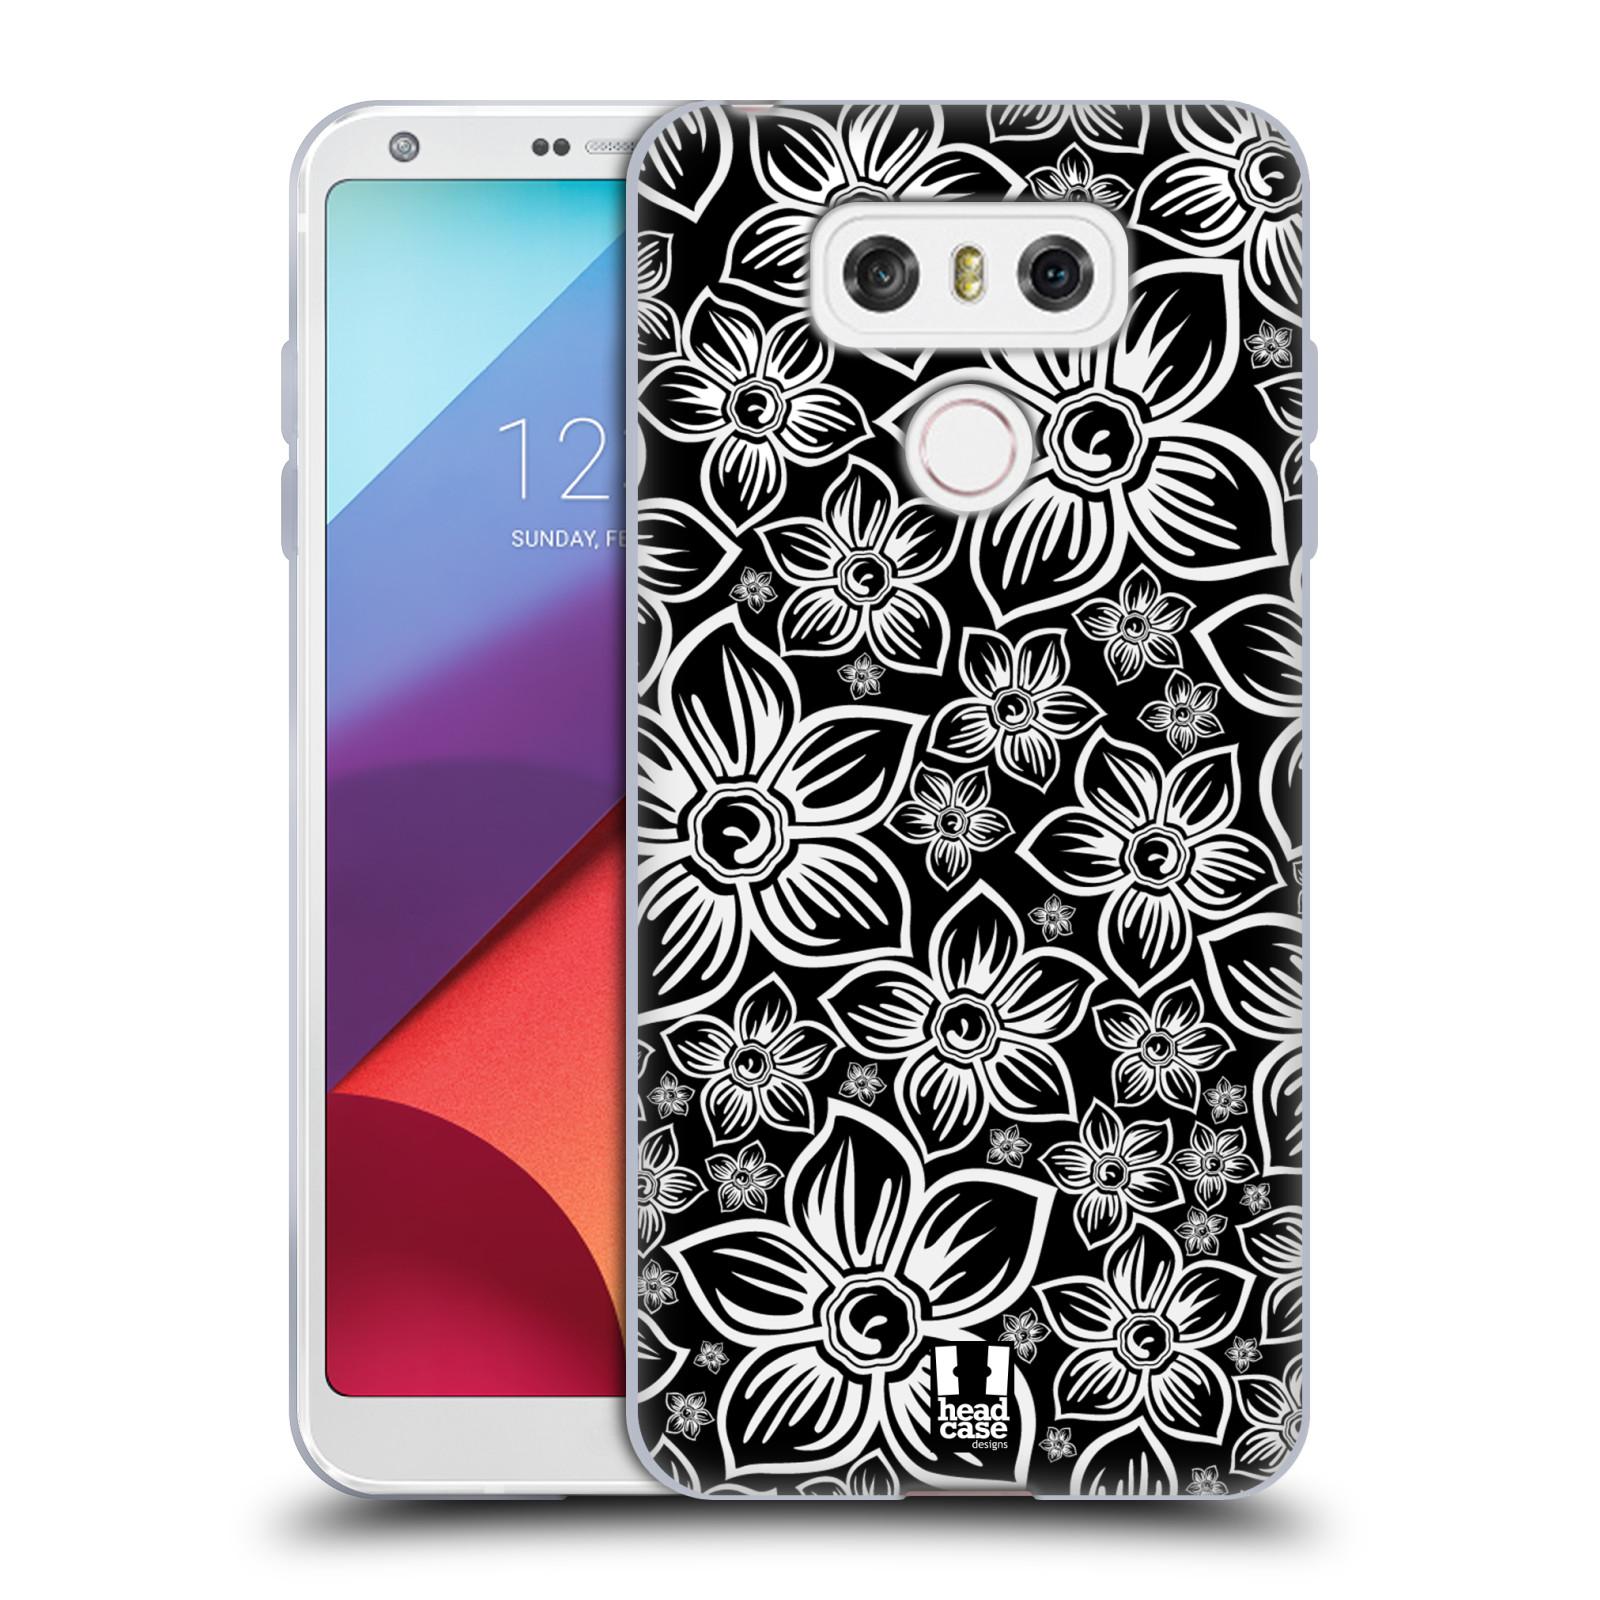 Silikonové pouzdro na mobil LG G6 - Head Case FLORAL DAISY